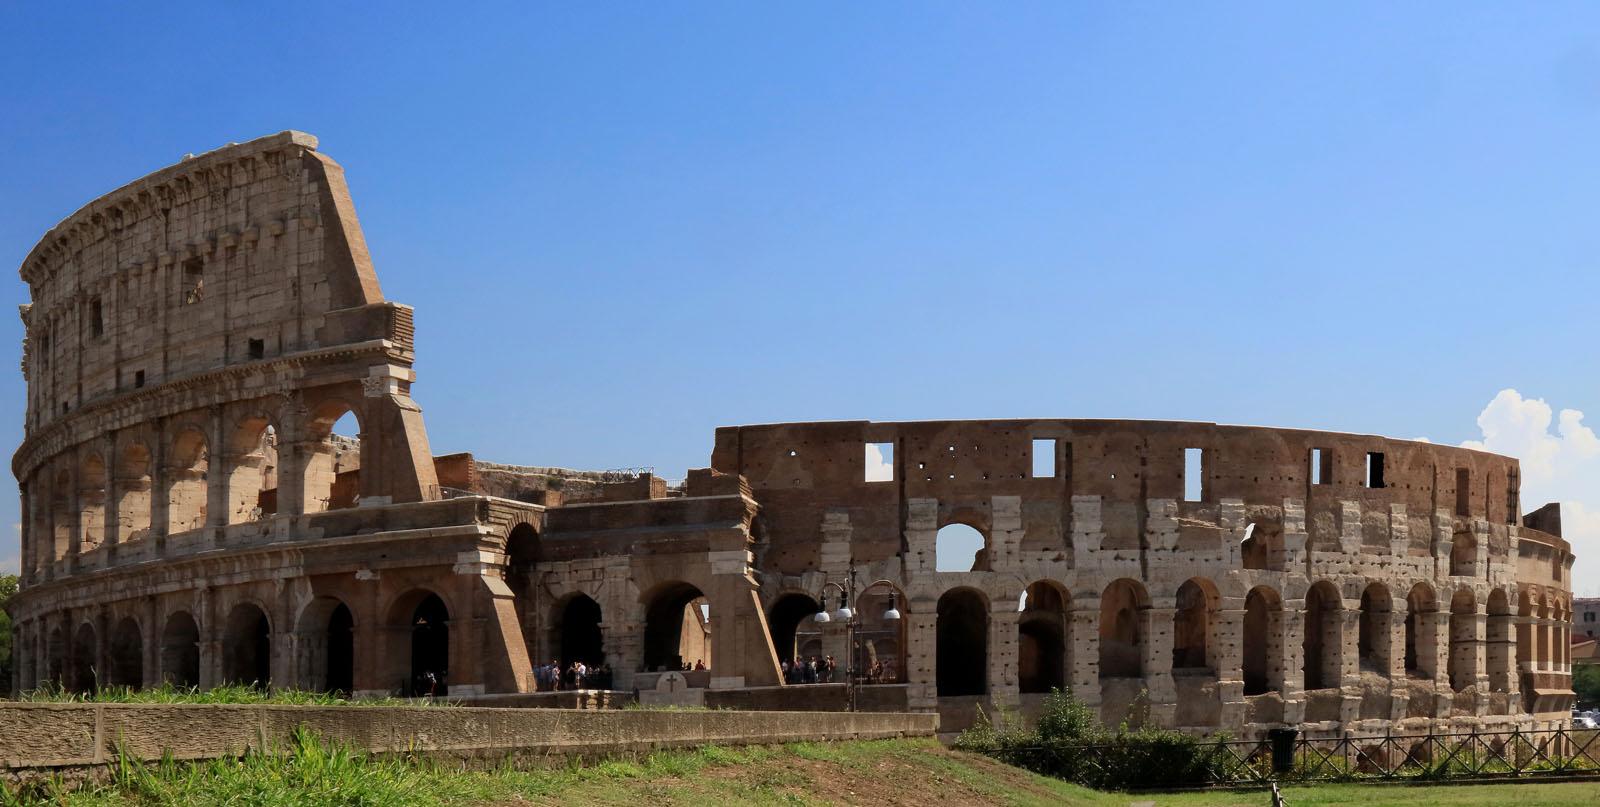 Dal 1° gennaio 2020 nuova bigliettazione per il Parco del Colosseo